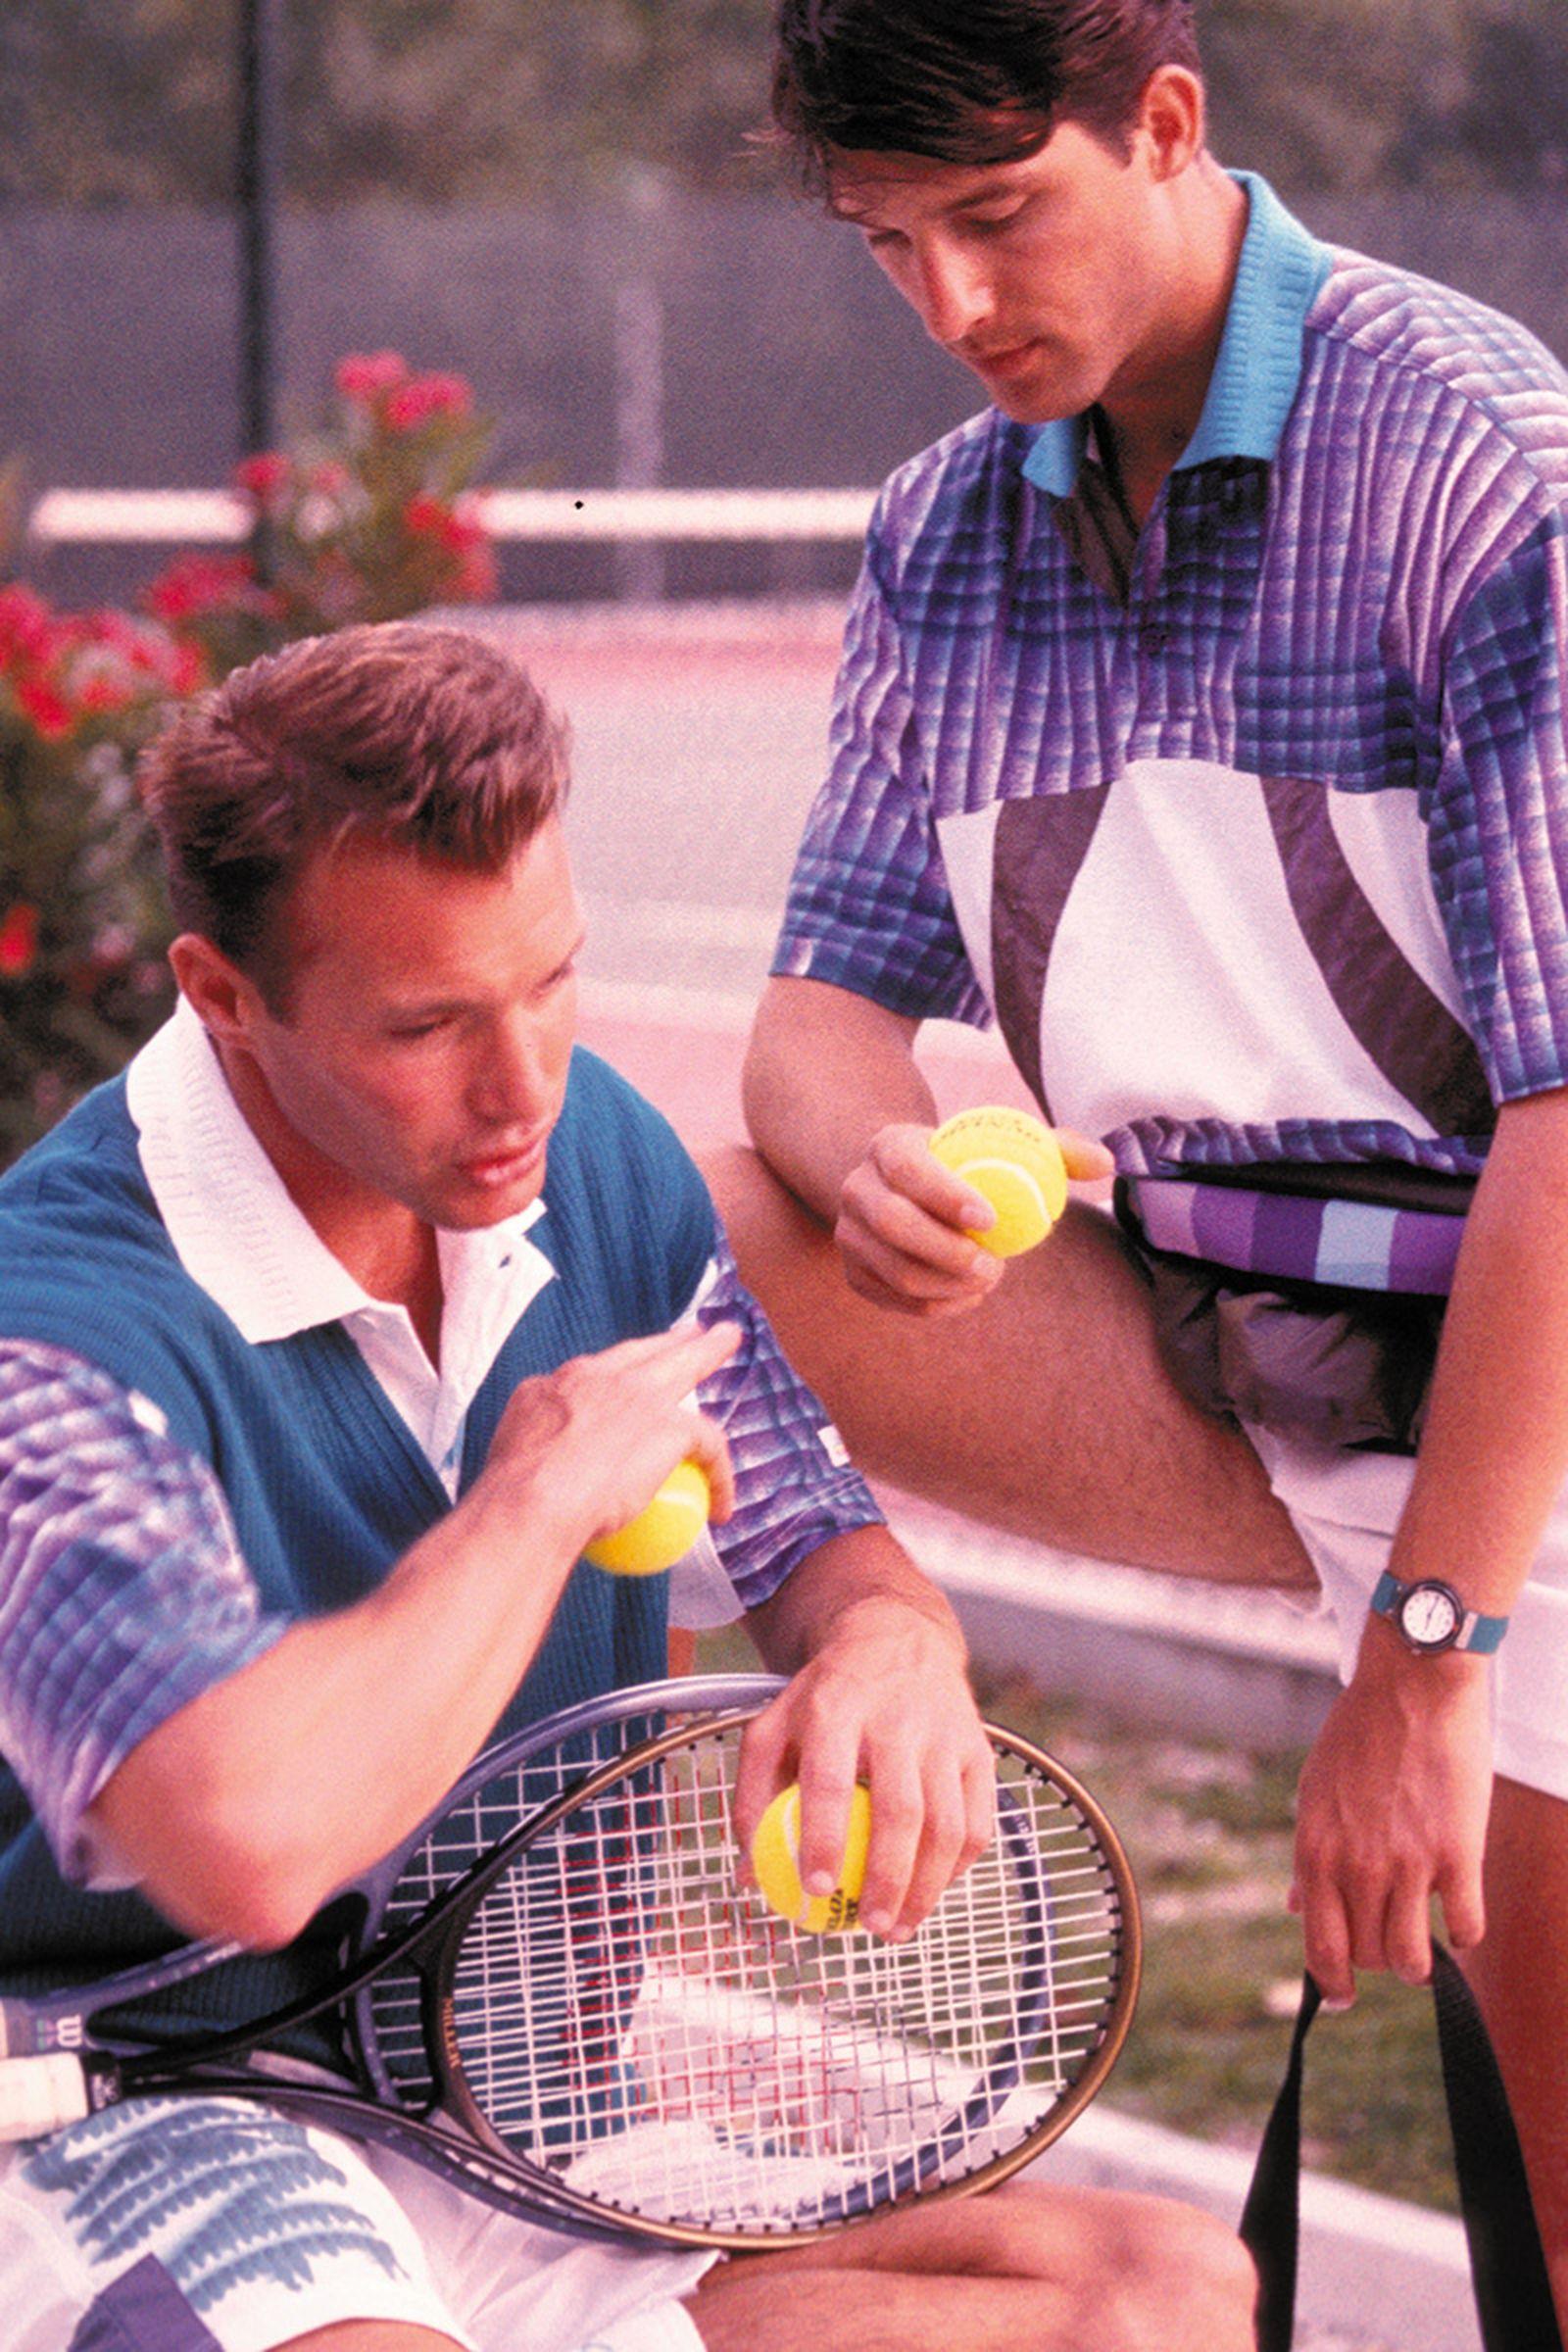 ellesse-tennis-history-09